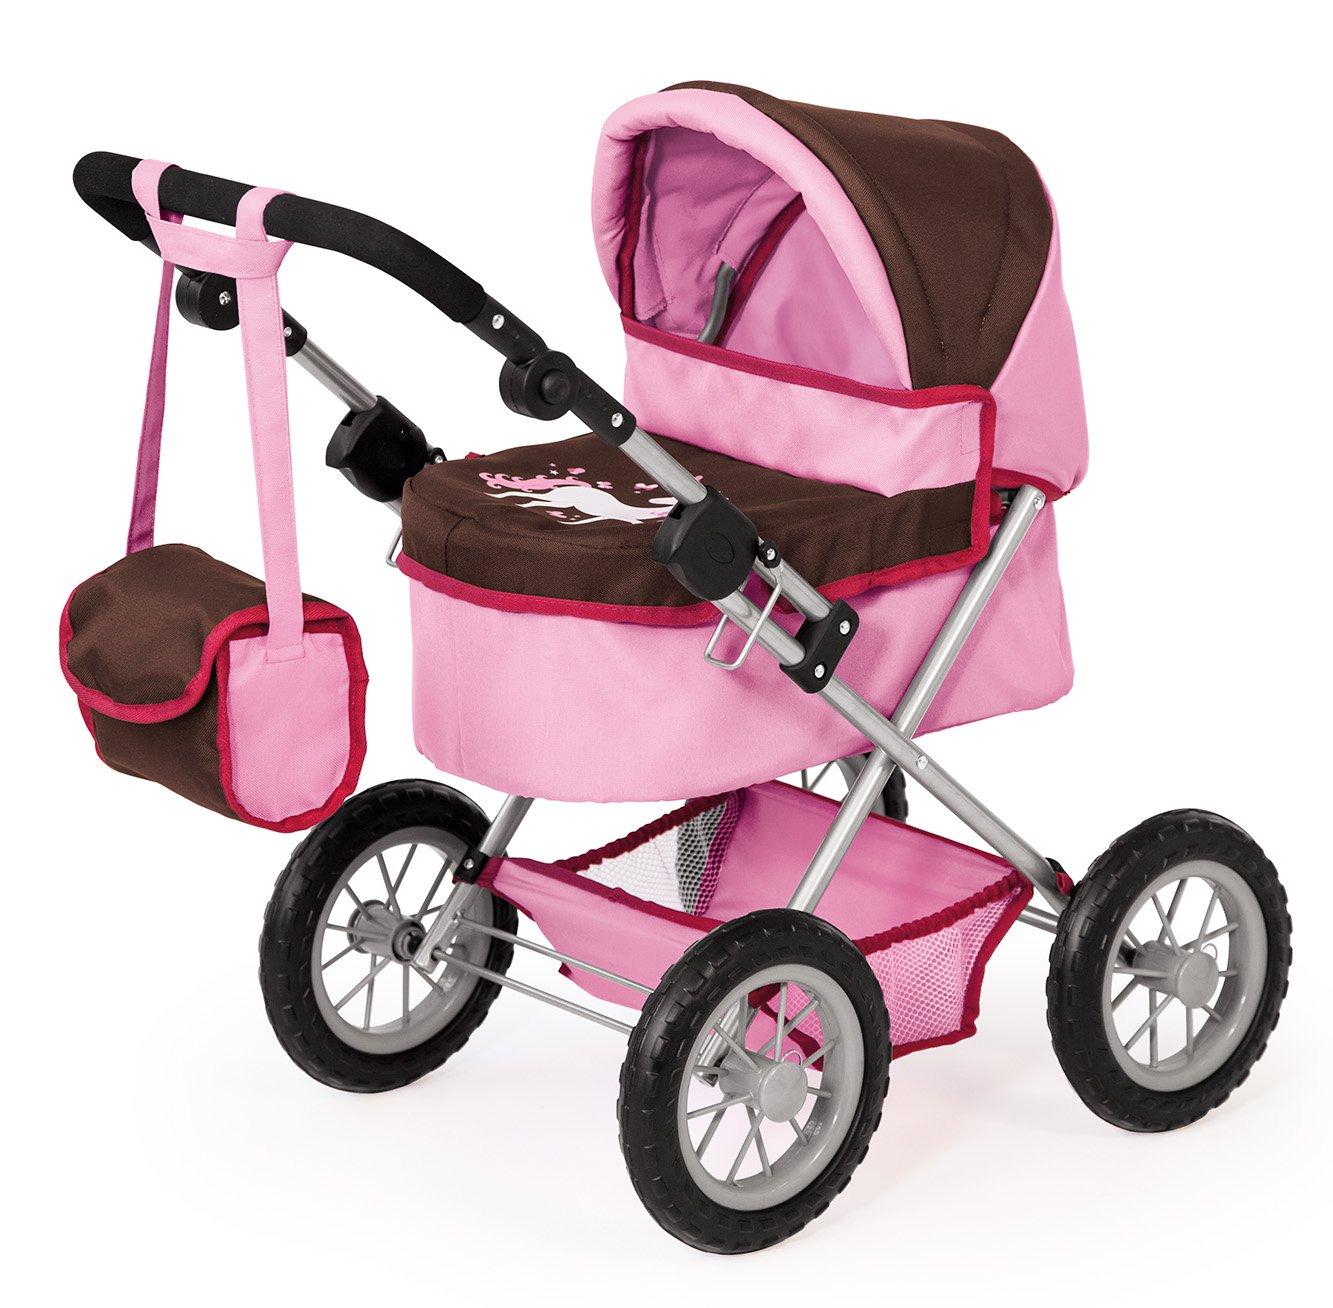 Bayer Design 13063 - Carrozzina per bambole regolabile, colore  rosa Marroneee, 68 Cm